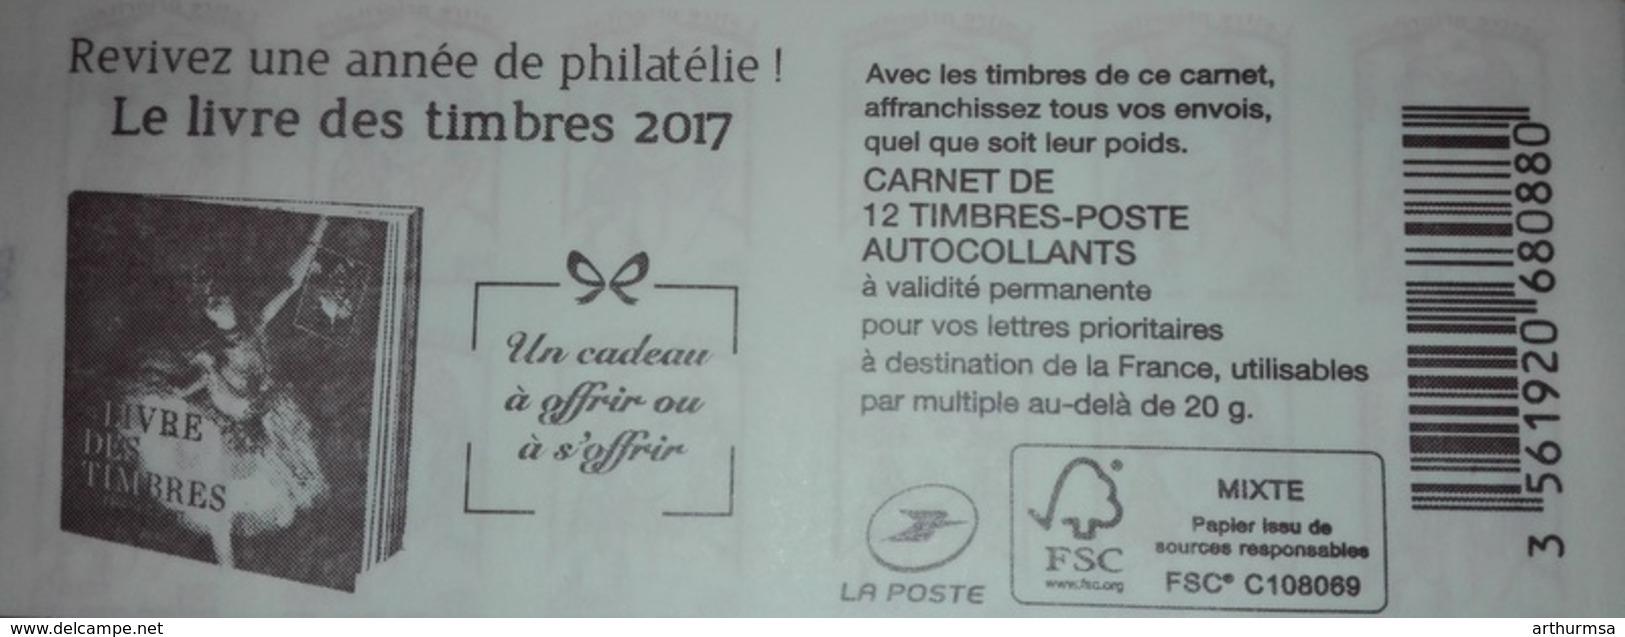 CARNET MARIANNE CIAPPA SANS 20 GRAMMES AVEC NUMERO LE LIVRE DES TIMBRES 2017 - Carnets